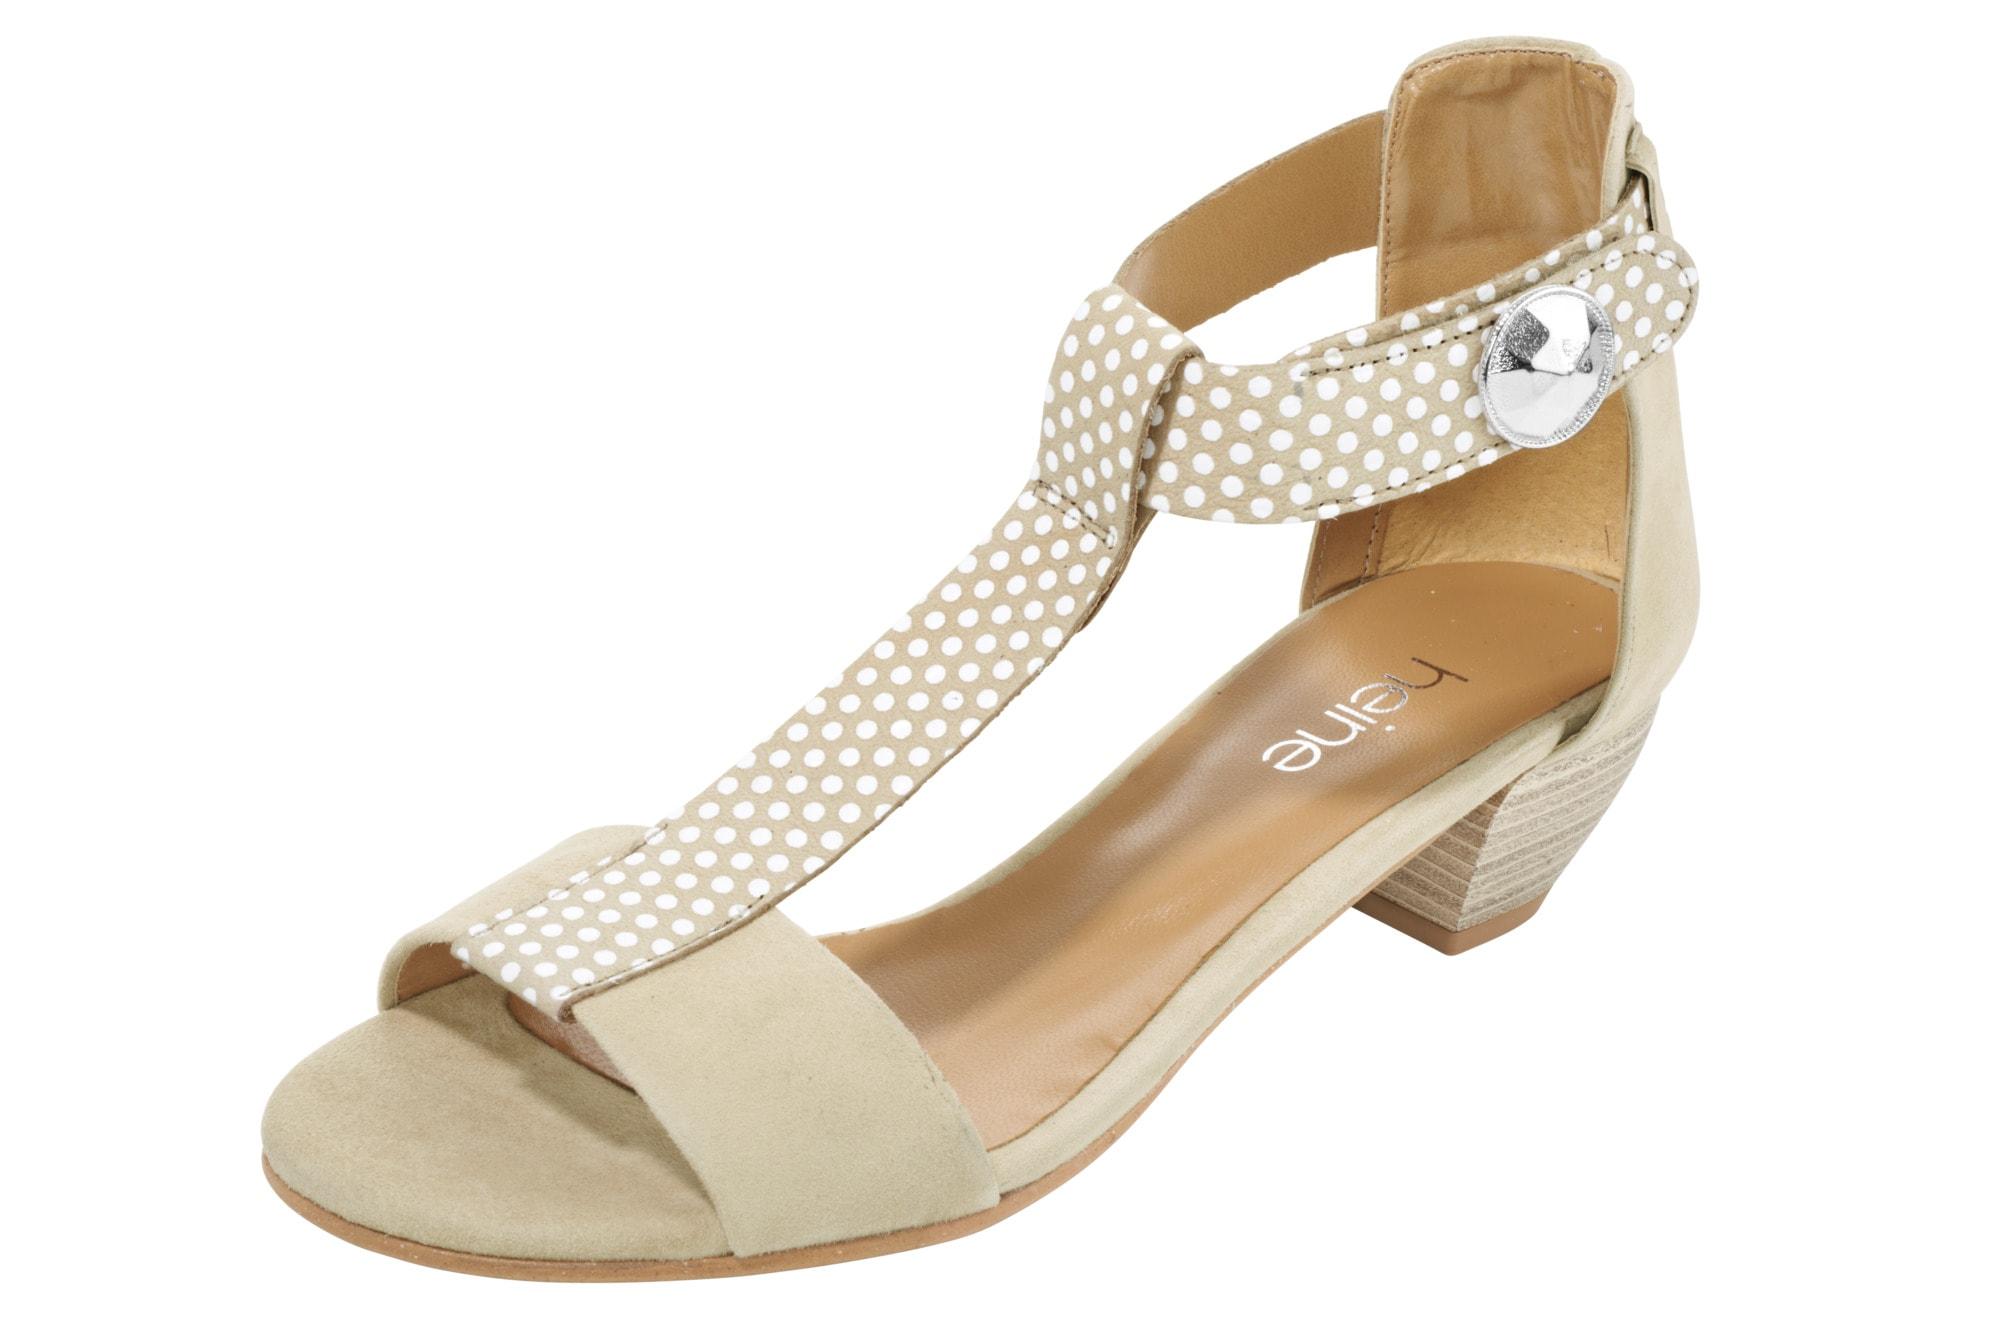 Sandalette, Heine bestellen | imwalking.de